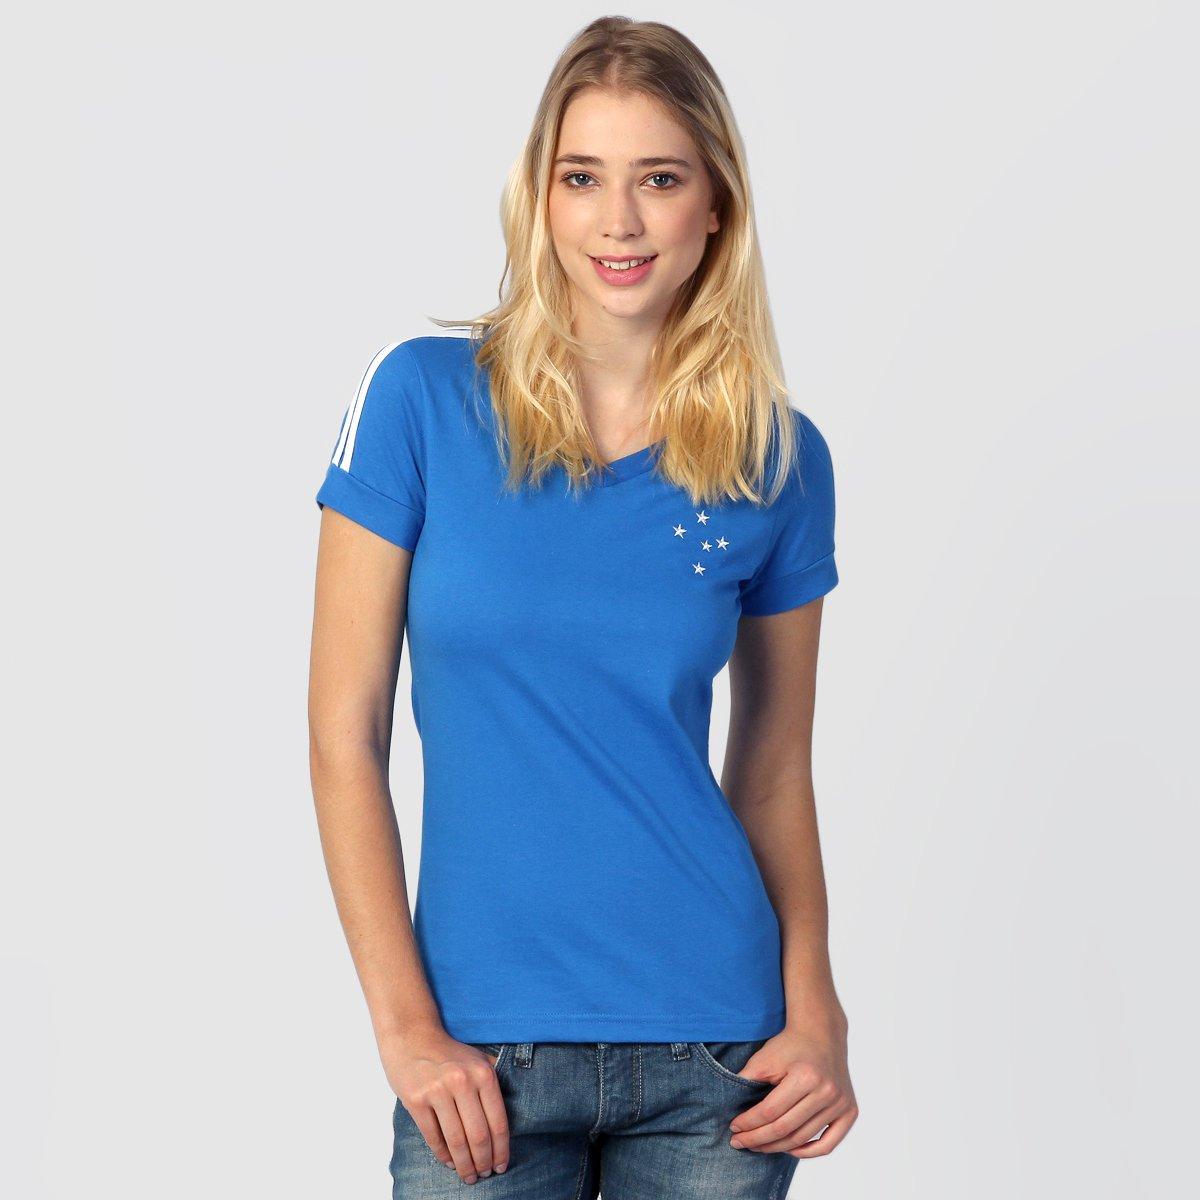 de2075ddad24b Camiseta Feminina Cruzeiro Réplica 1987 - Compre Agora